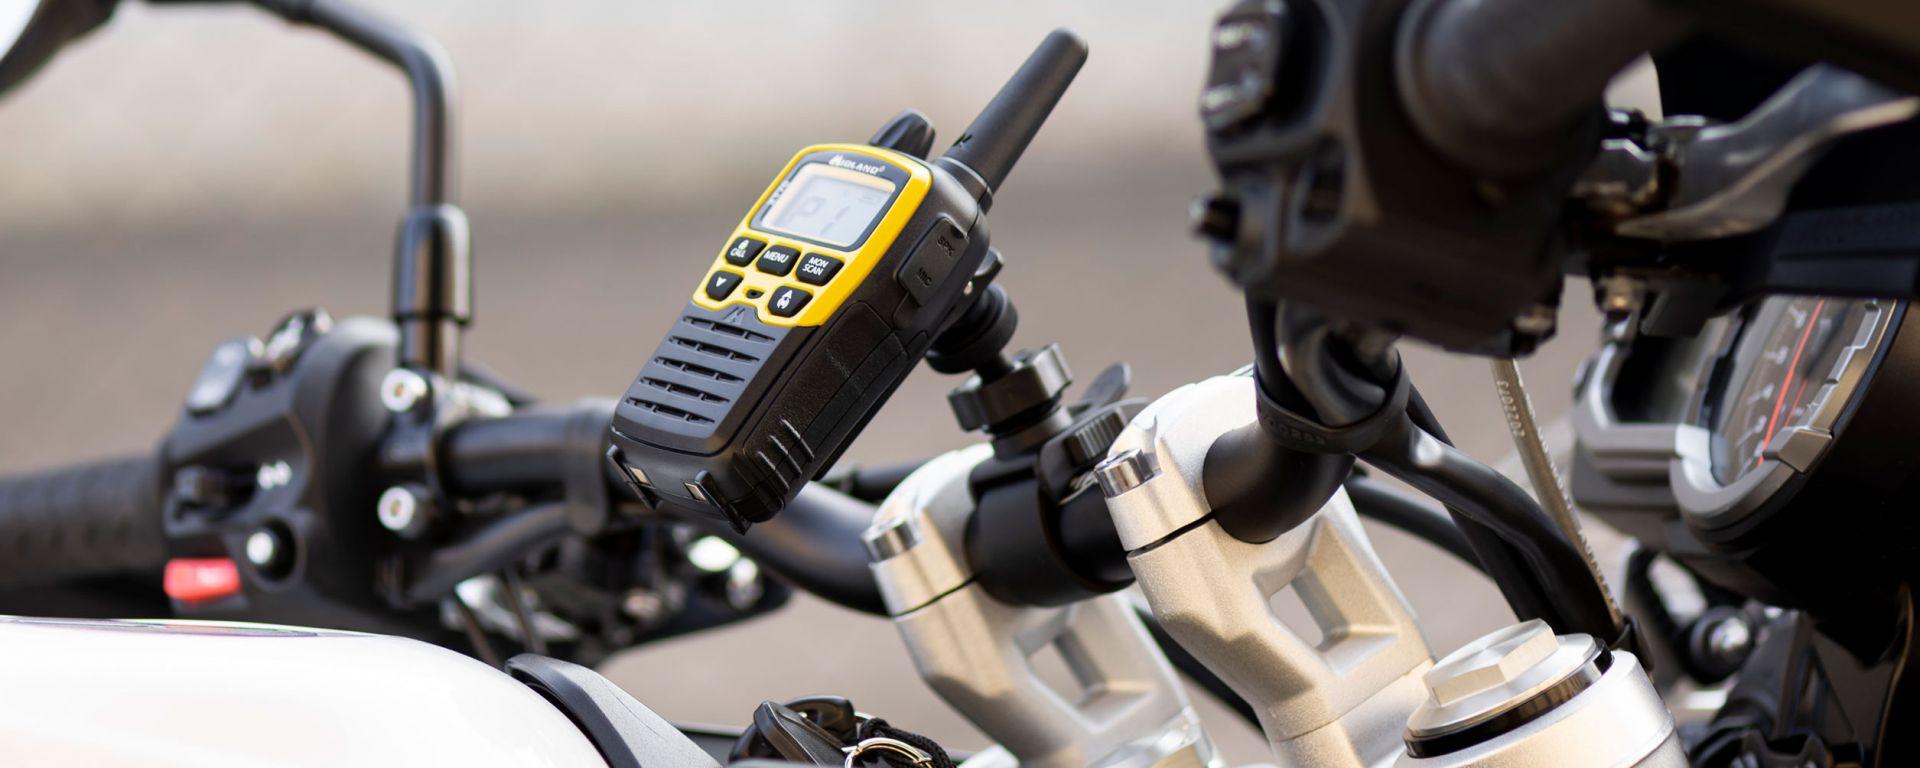 Midland XT70: walkie talkie per avventurieri